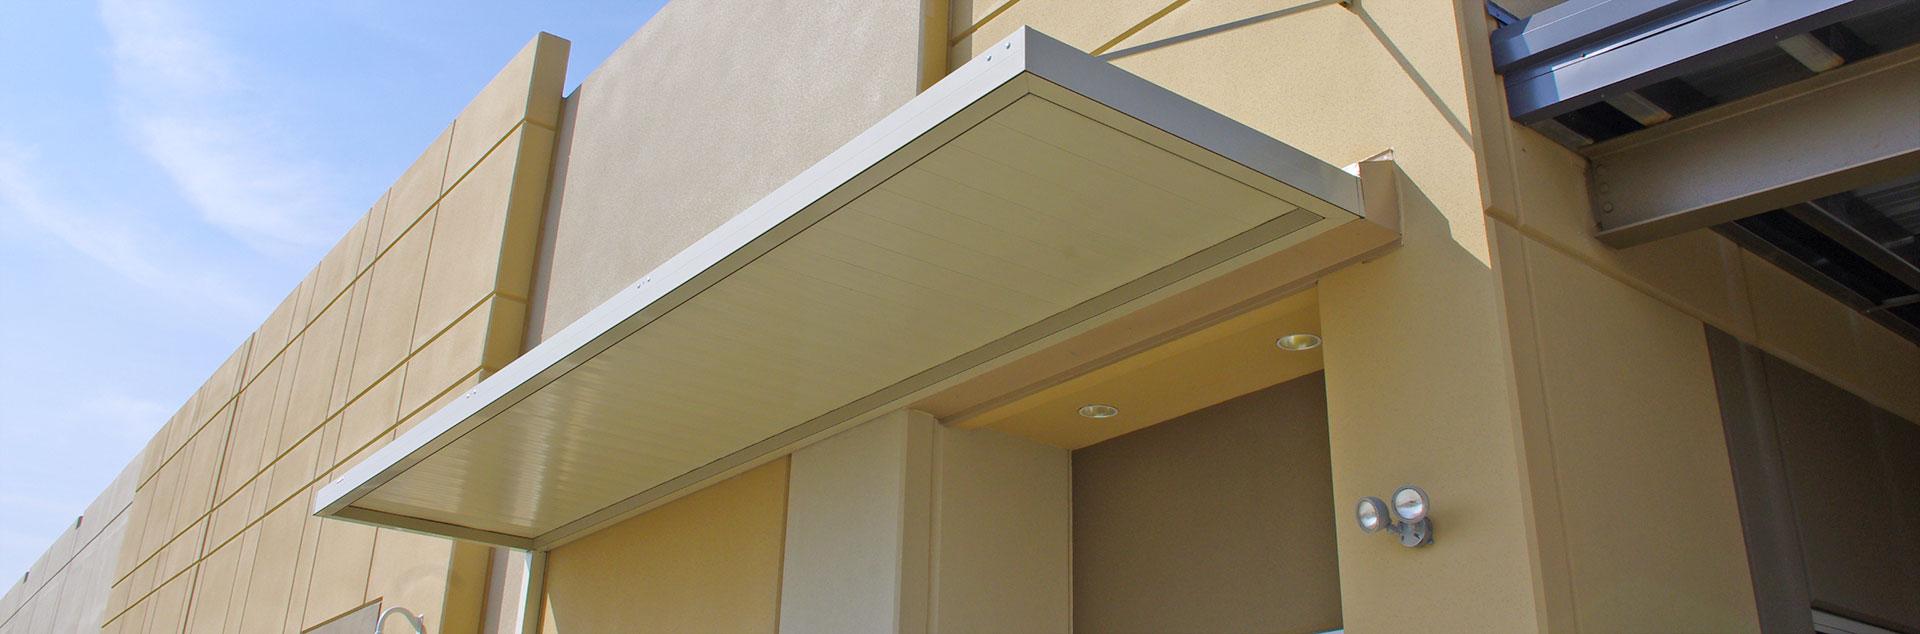 Flat Panel Awning : General awnings